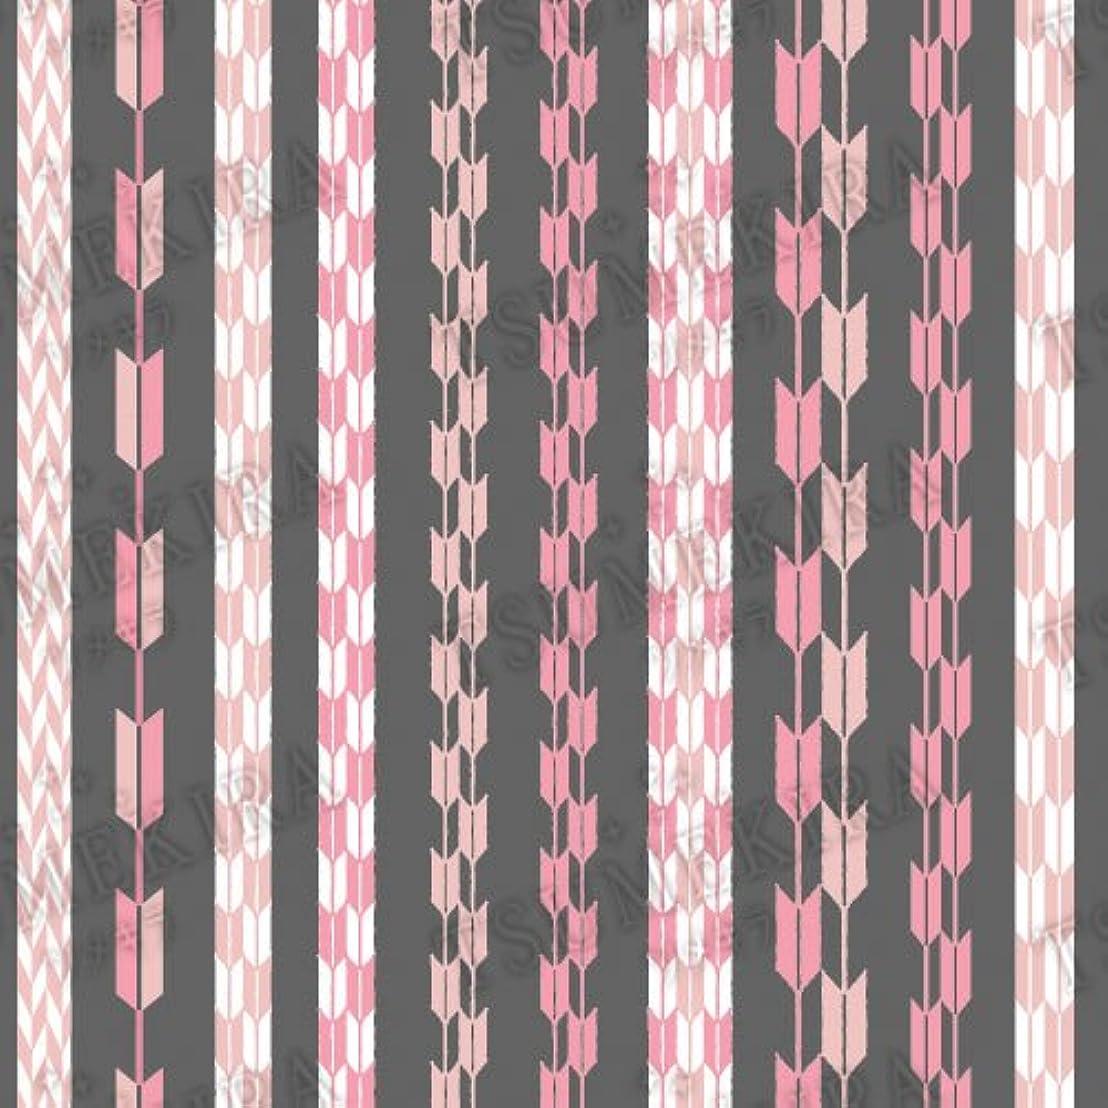 エレクトロニックポンプはいツメキラ ネイル用シール スタンダードスタイル 矢餅 ピンク